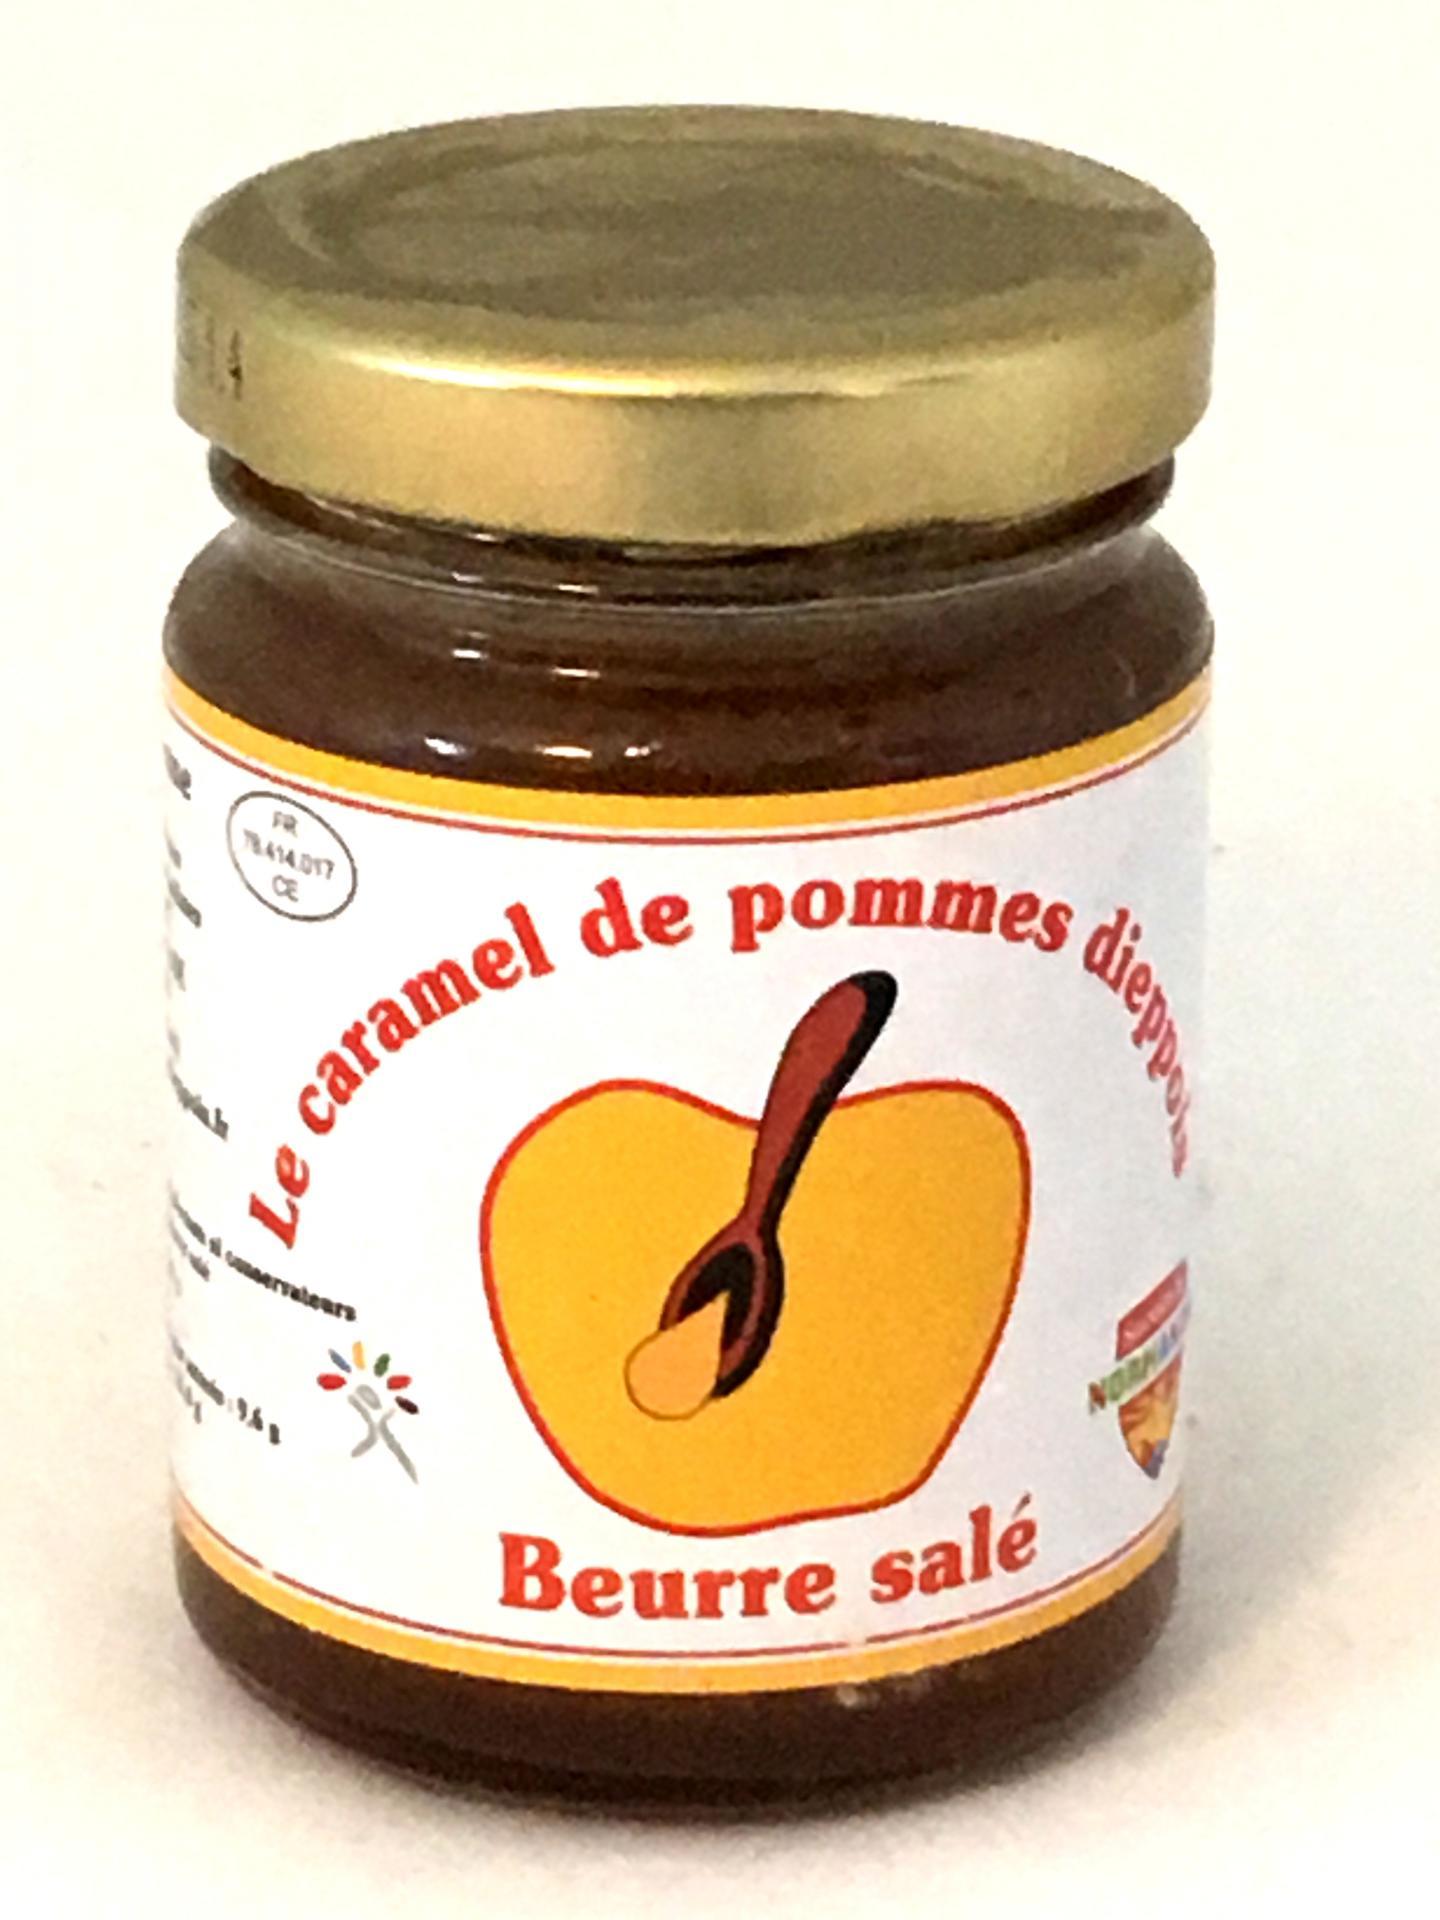 Caramel de pommes au beurre sale 110g bocal fabrique par un esat 1